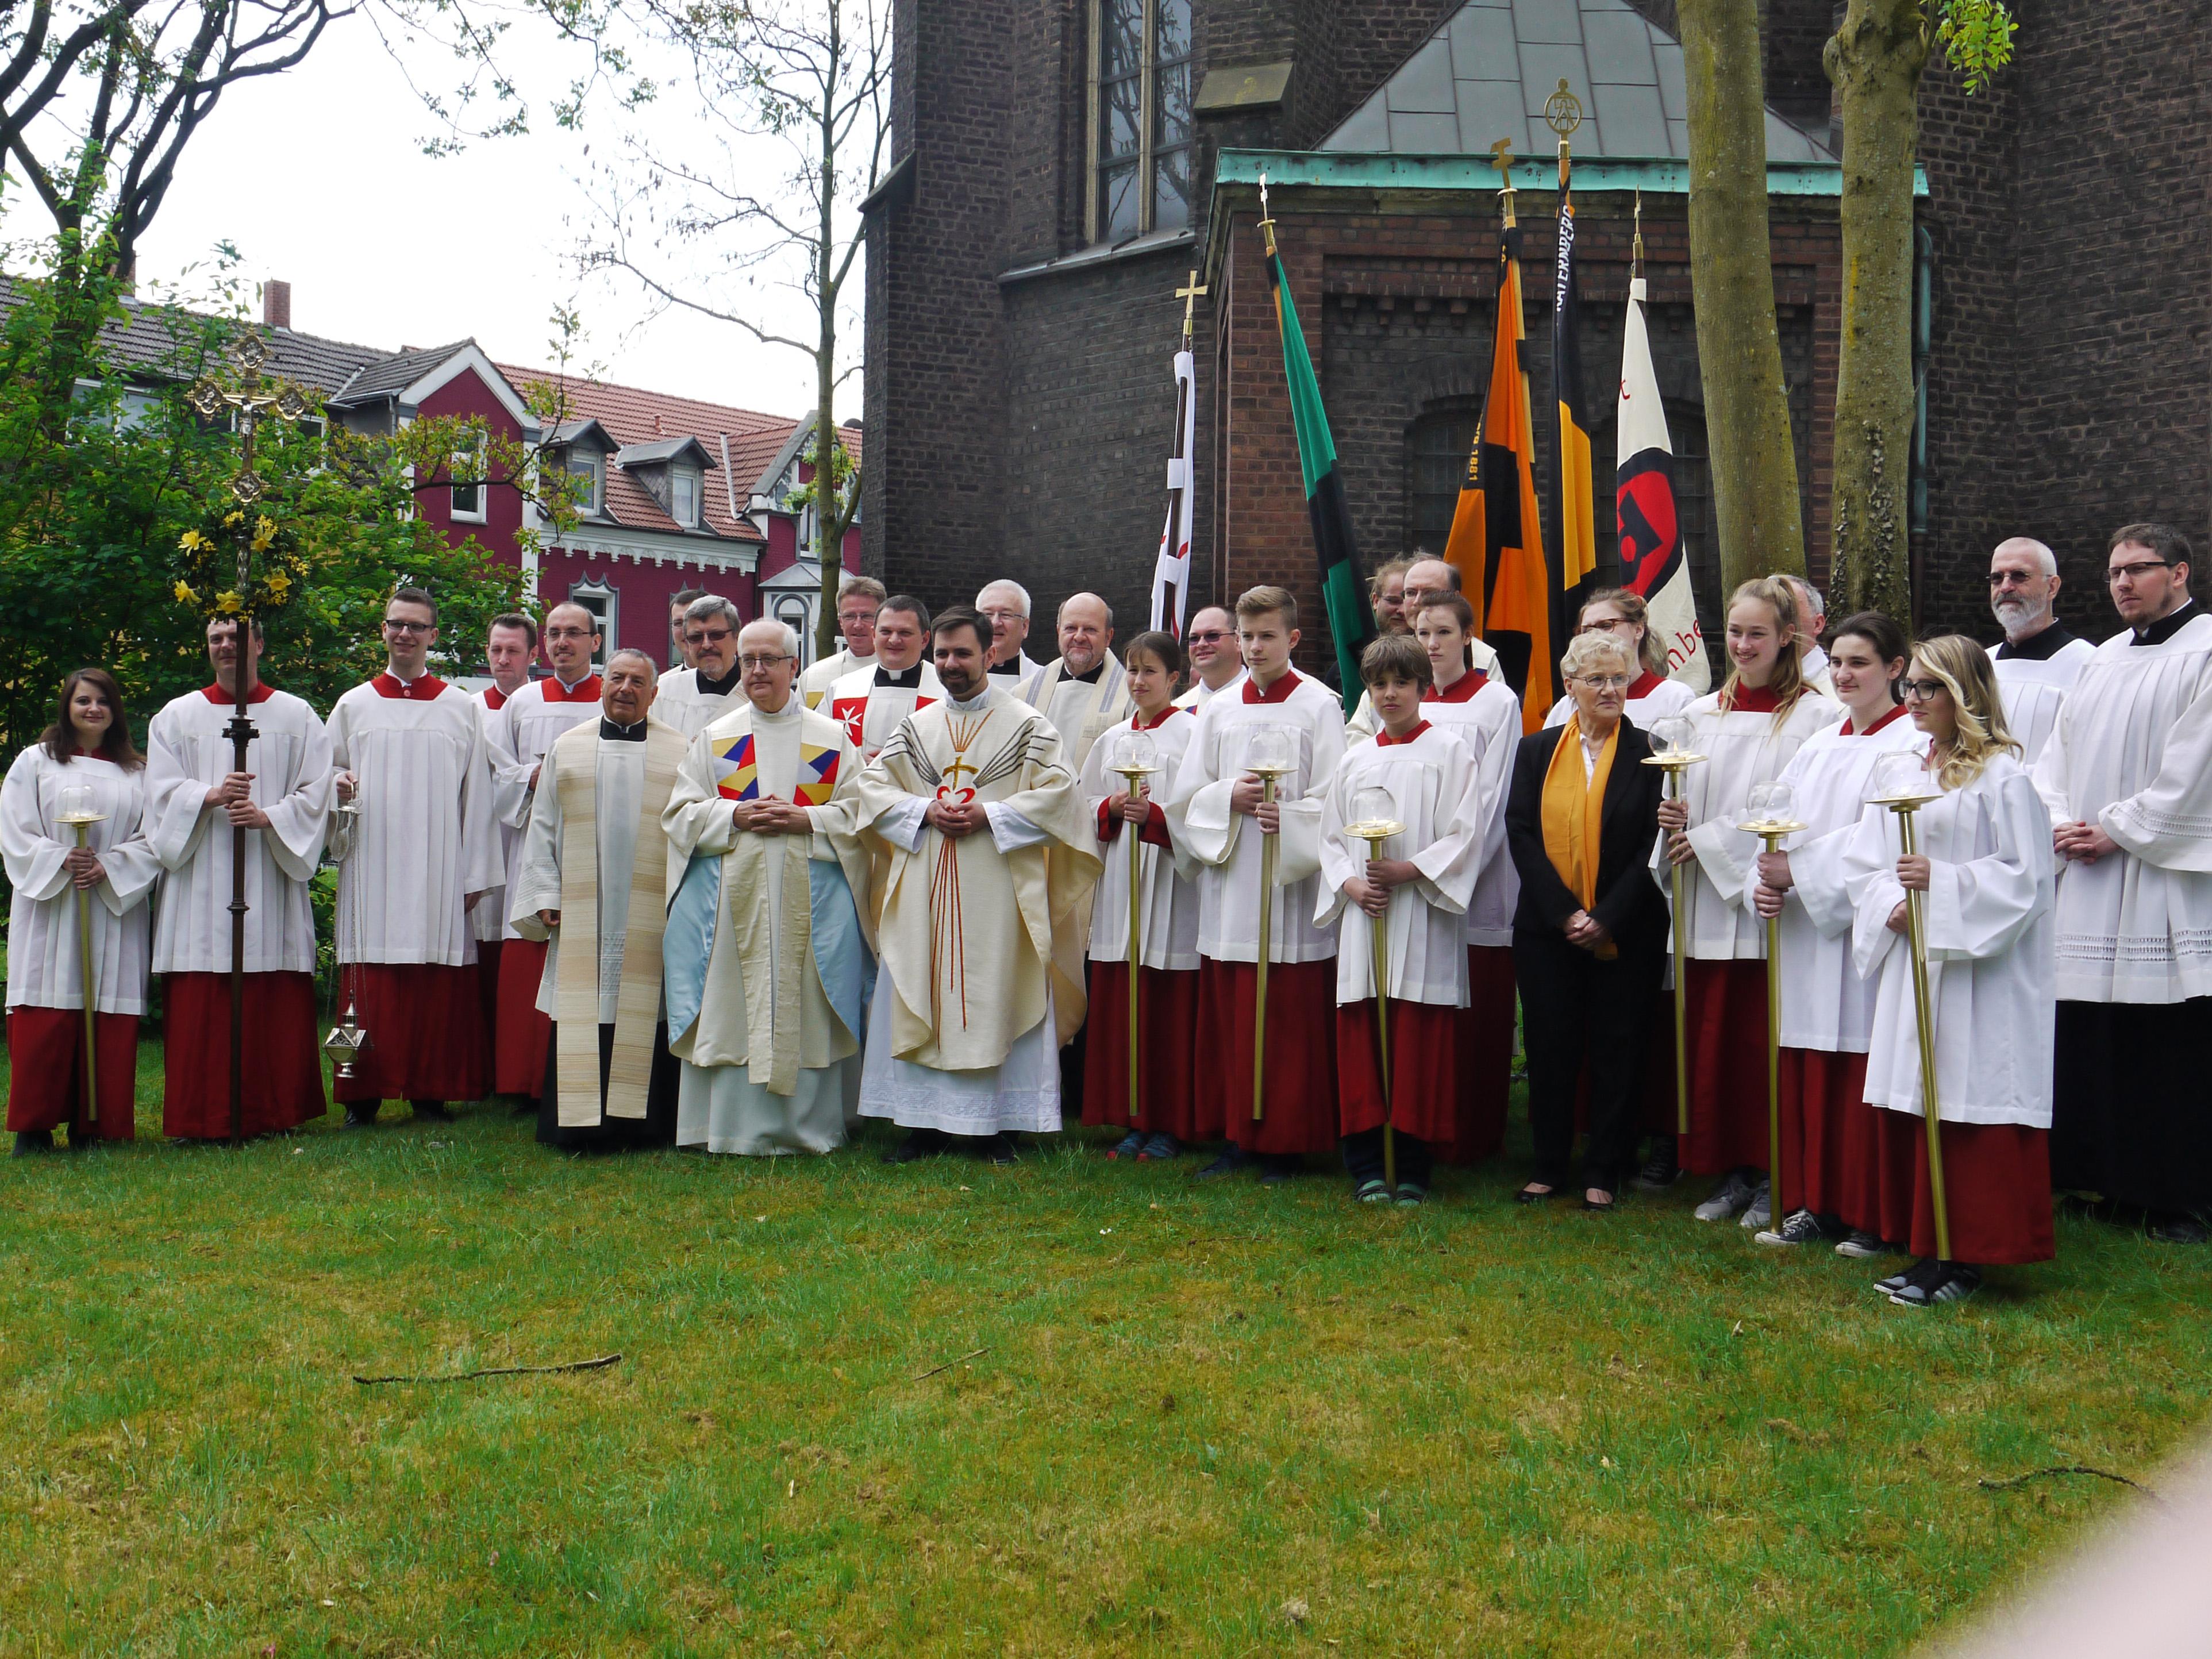 Robert Hilger aus St. Joseph zum Priester geweiht